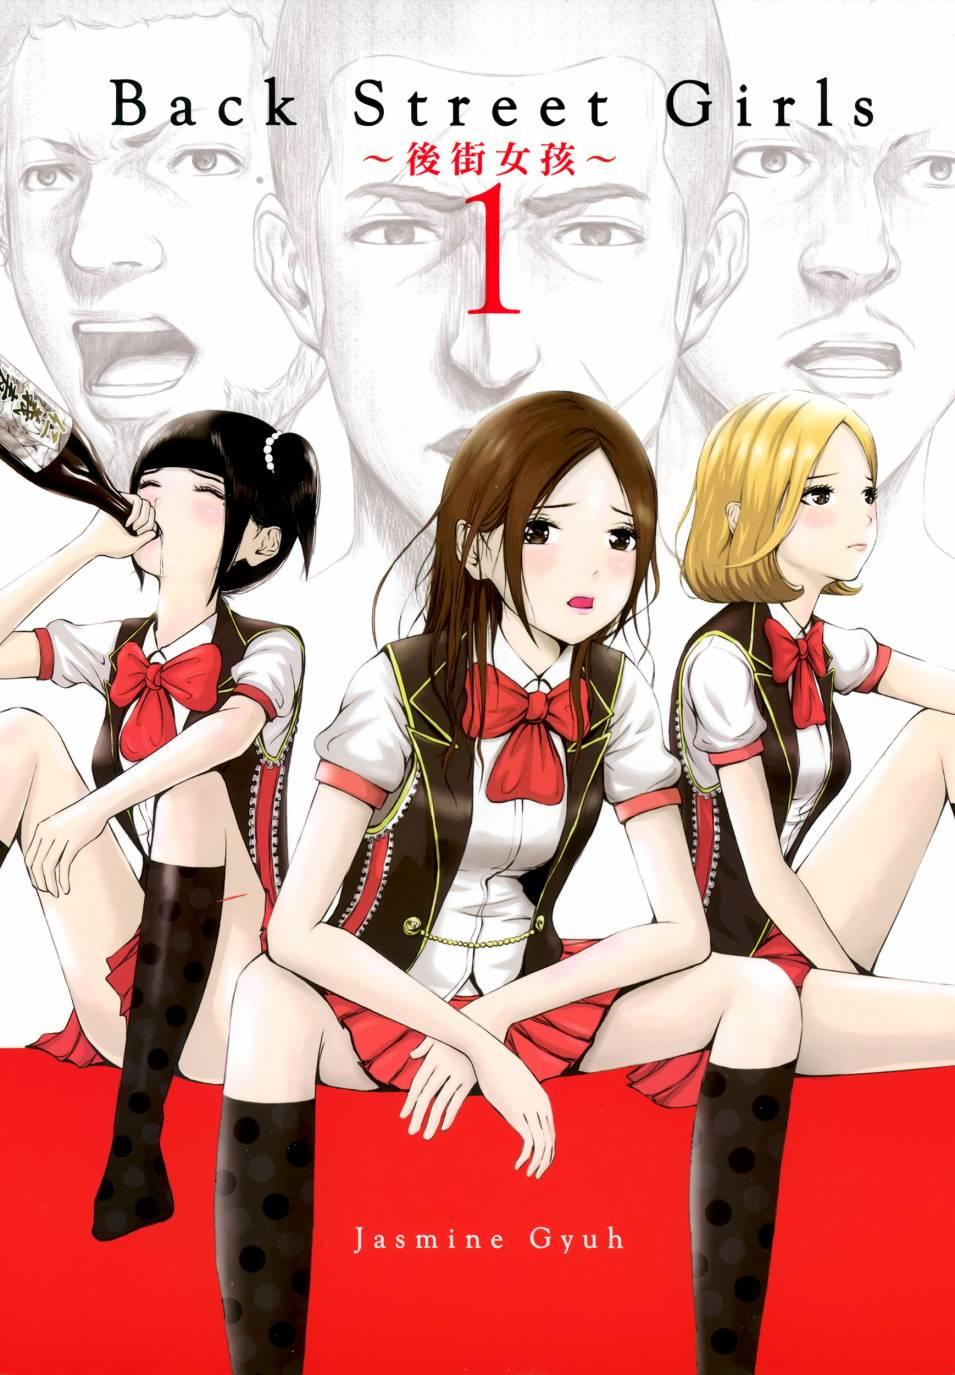 【漫画】【完结】《后街女孩》百度网盘下载